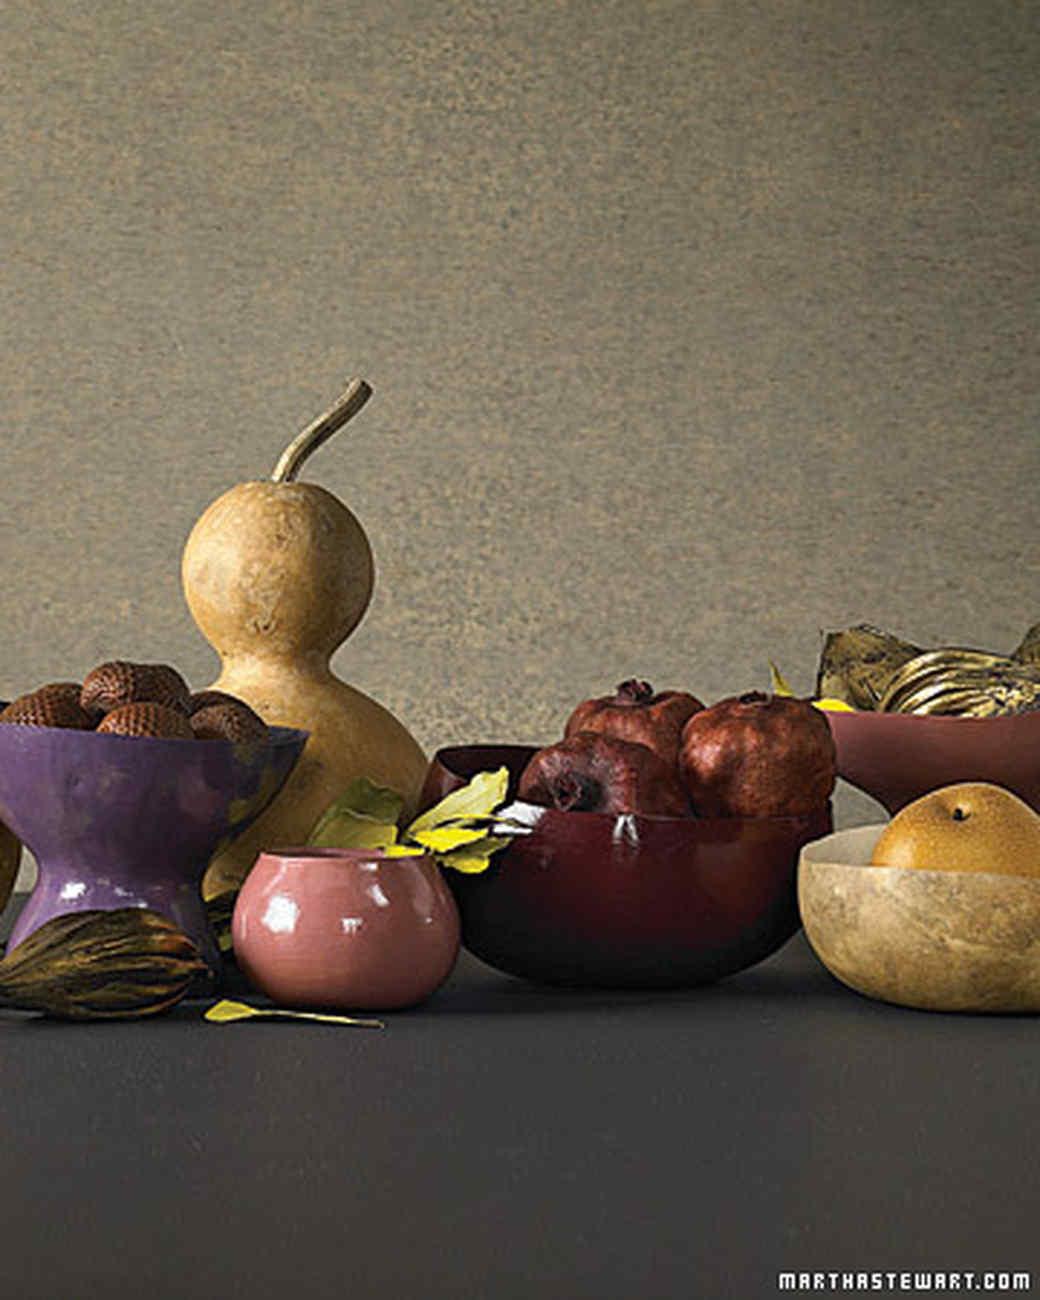 mpd103138_0907_gourds.jpg